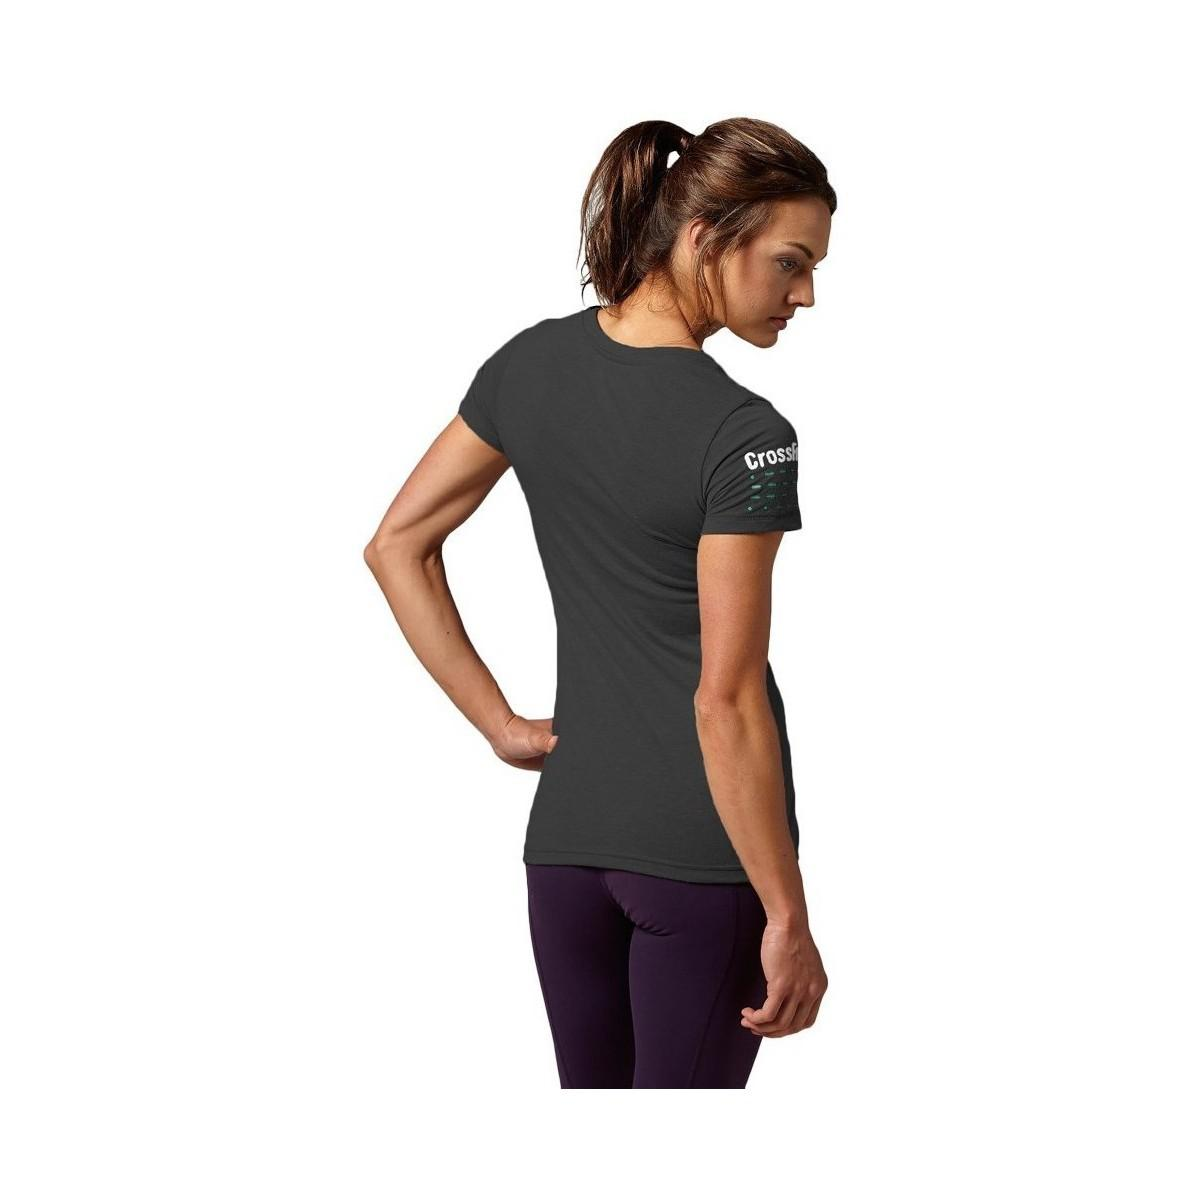 Reebok Black Crossfit Charlie Foxtrot Women's T Shirt In Multicolour